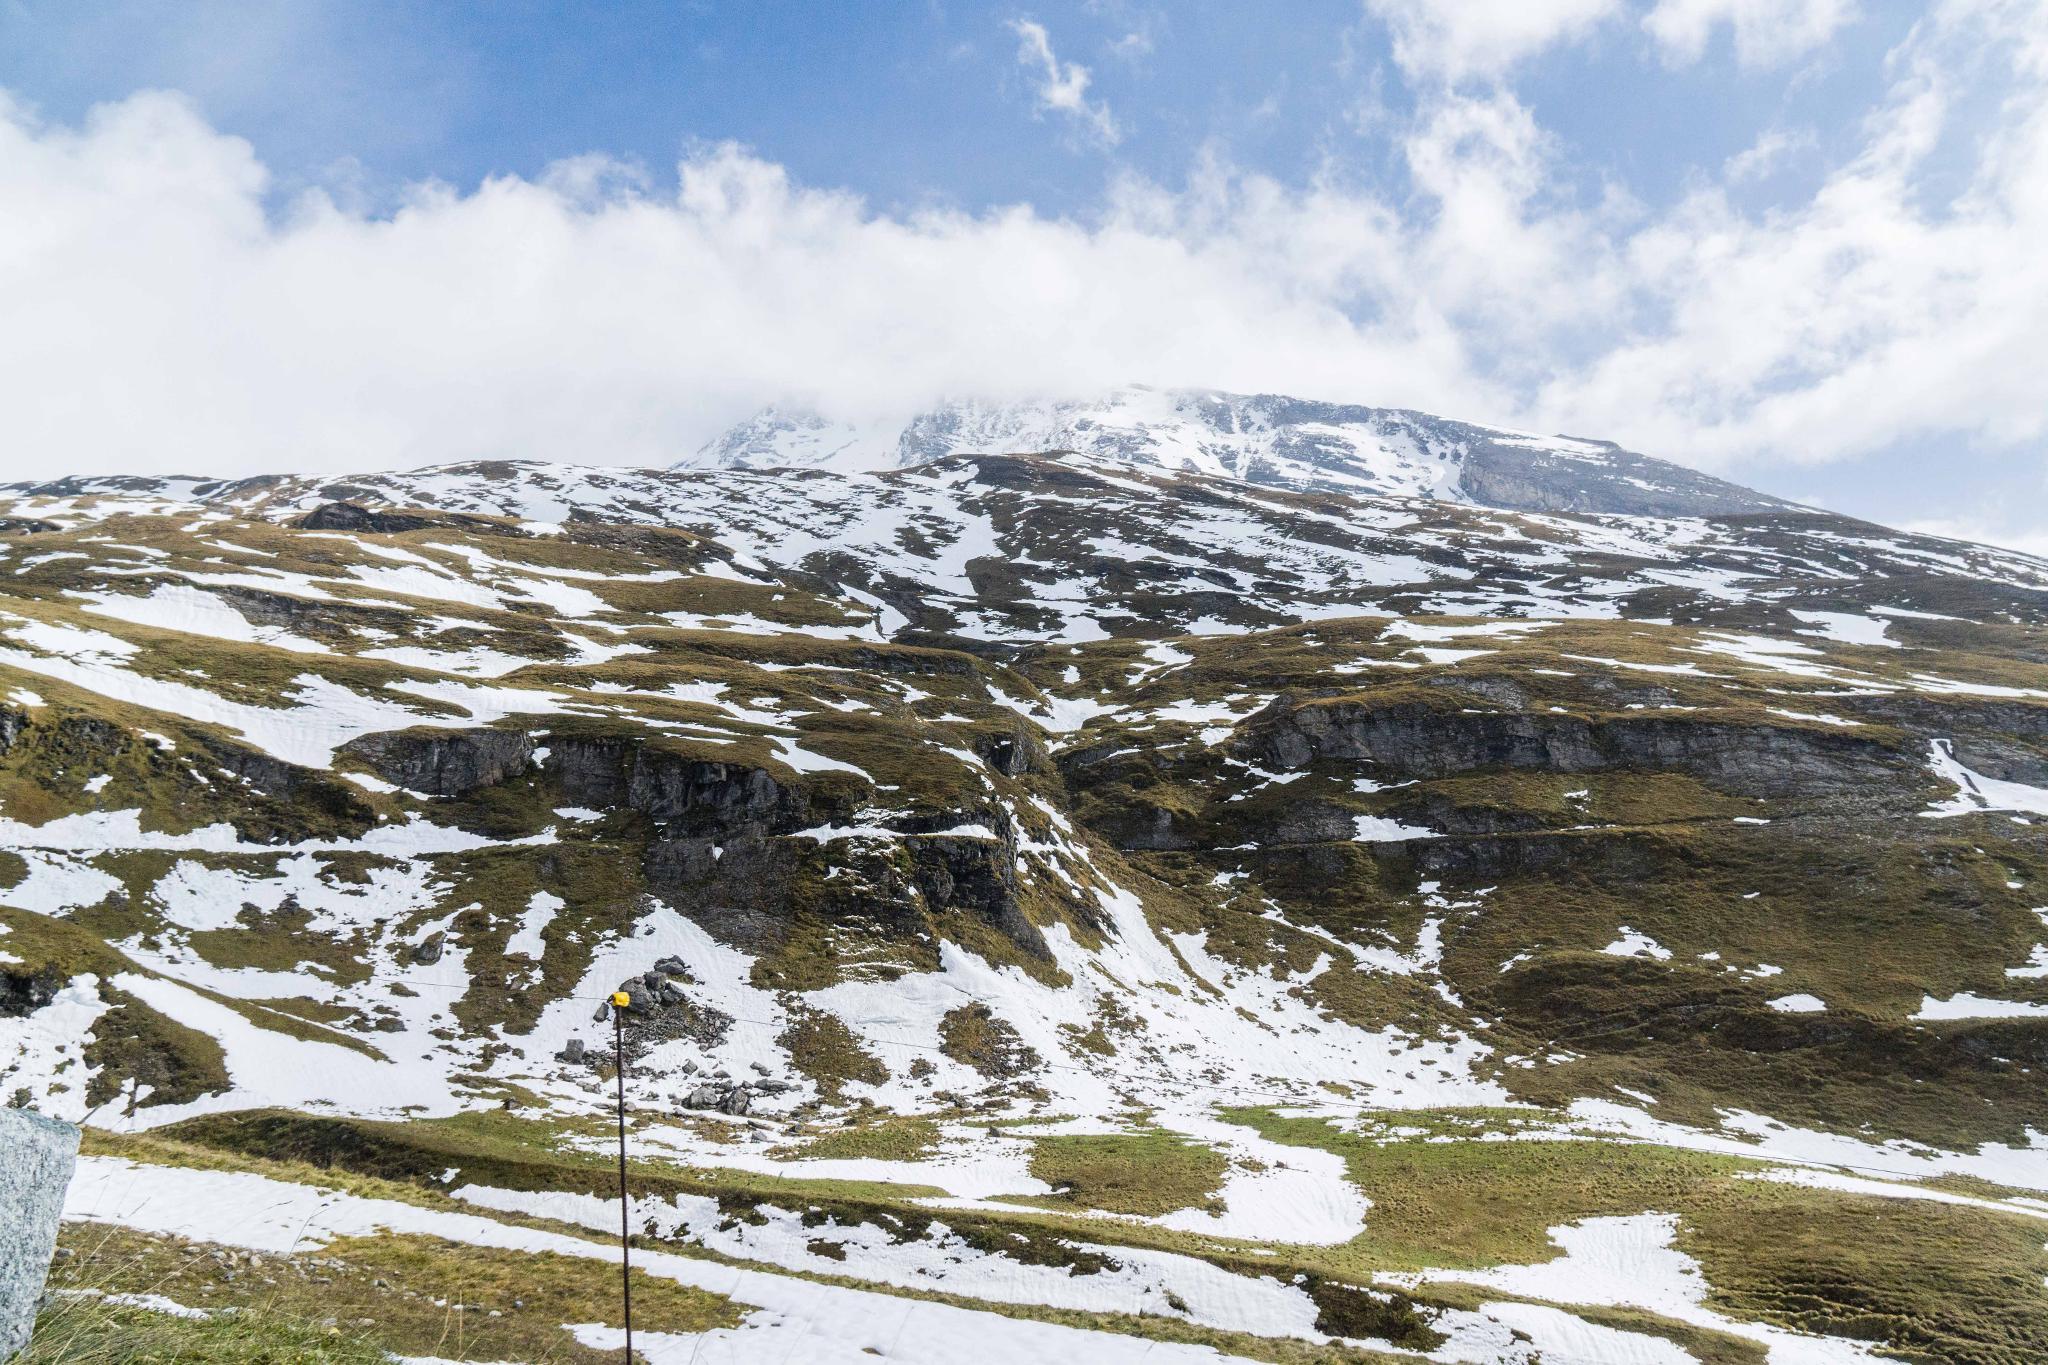 【奧地利】穿越阿爾卑斯之巔 — 奧地利大鐘山冰河公路 (Grossglockner High Alpine Road) 22